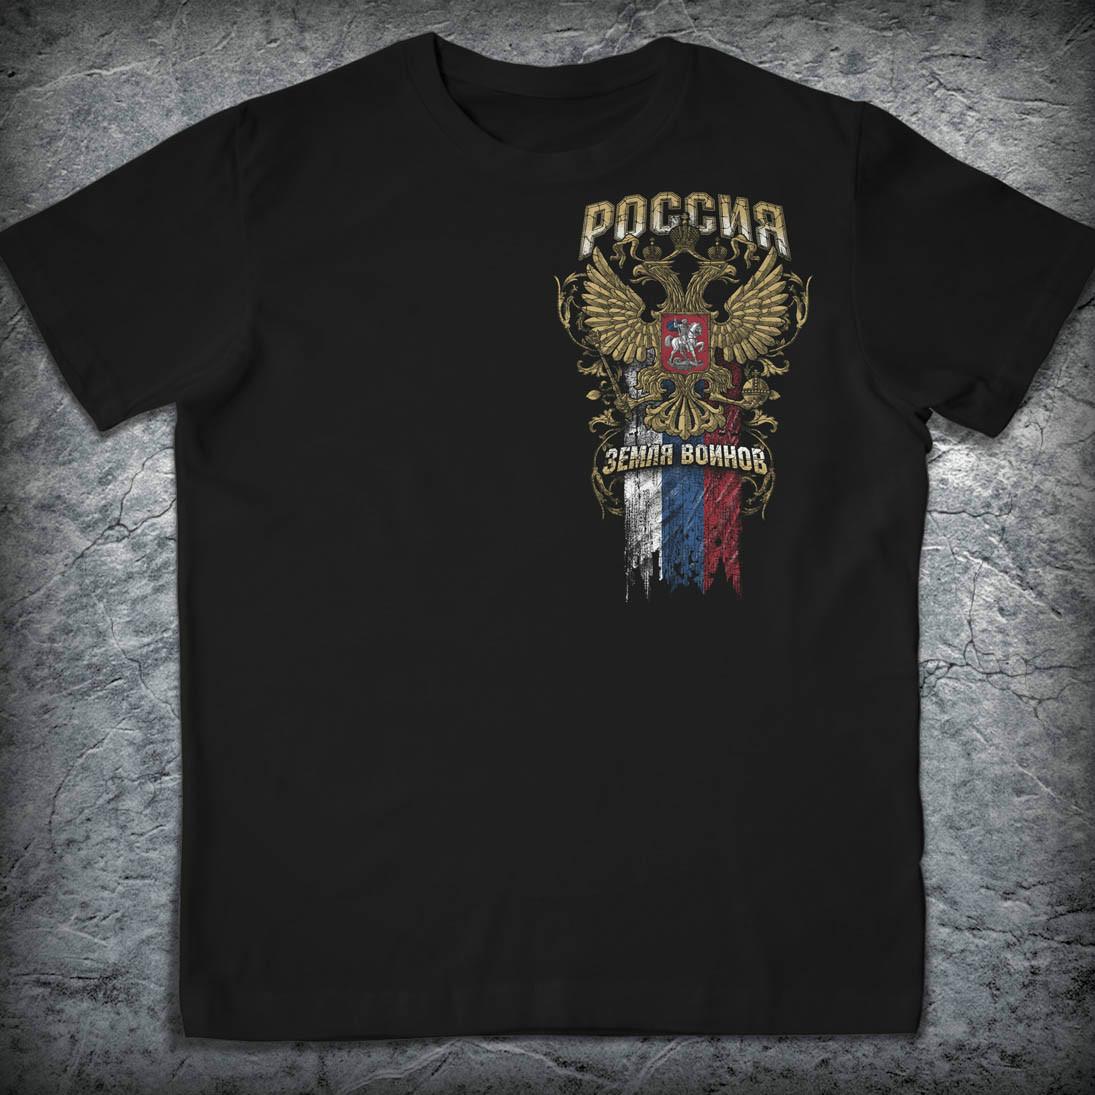 Футболка «Россия. Земля воинов», Цвет Черный, Размер S от Земля воинов